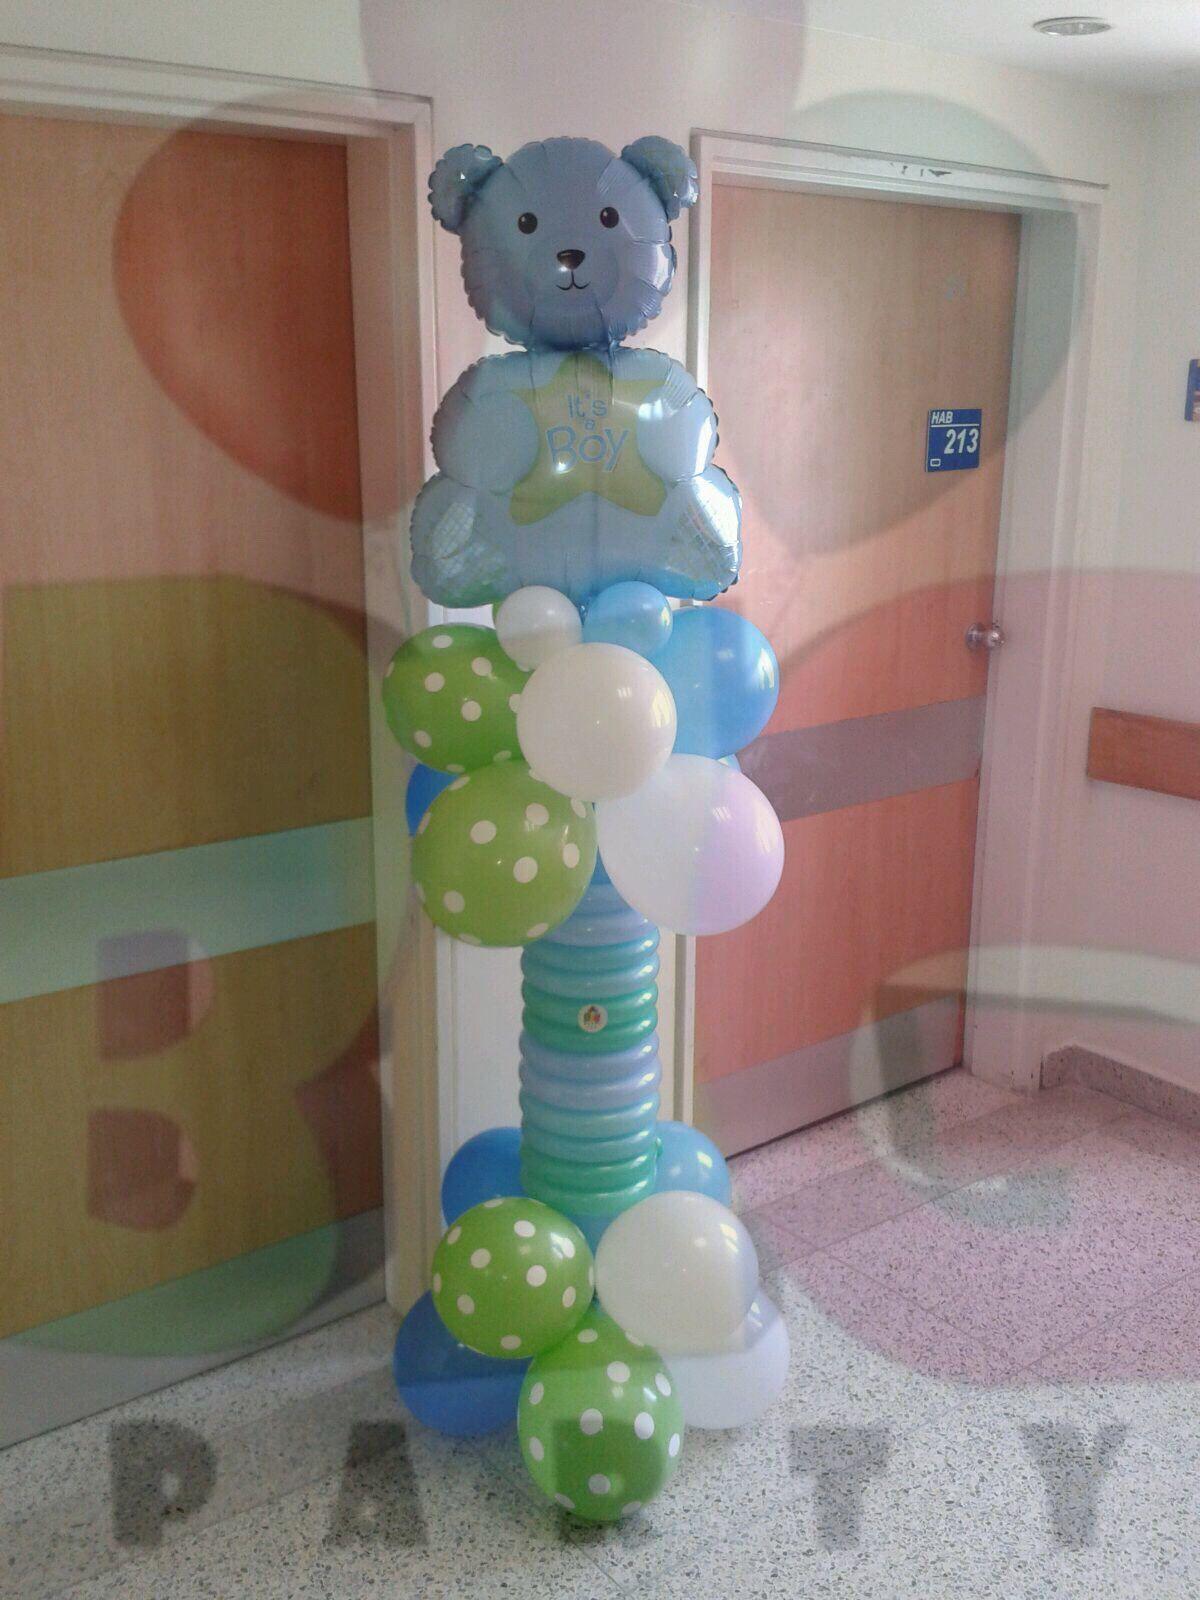 Arreglo nacimiento bebe newborn gift decoraciones - Decoraciones para bebes ...